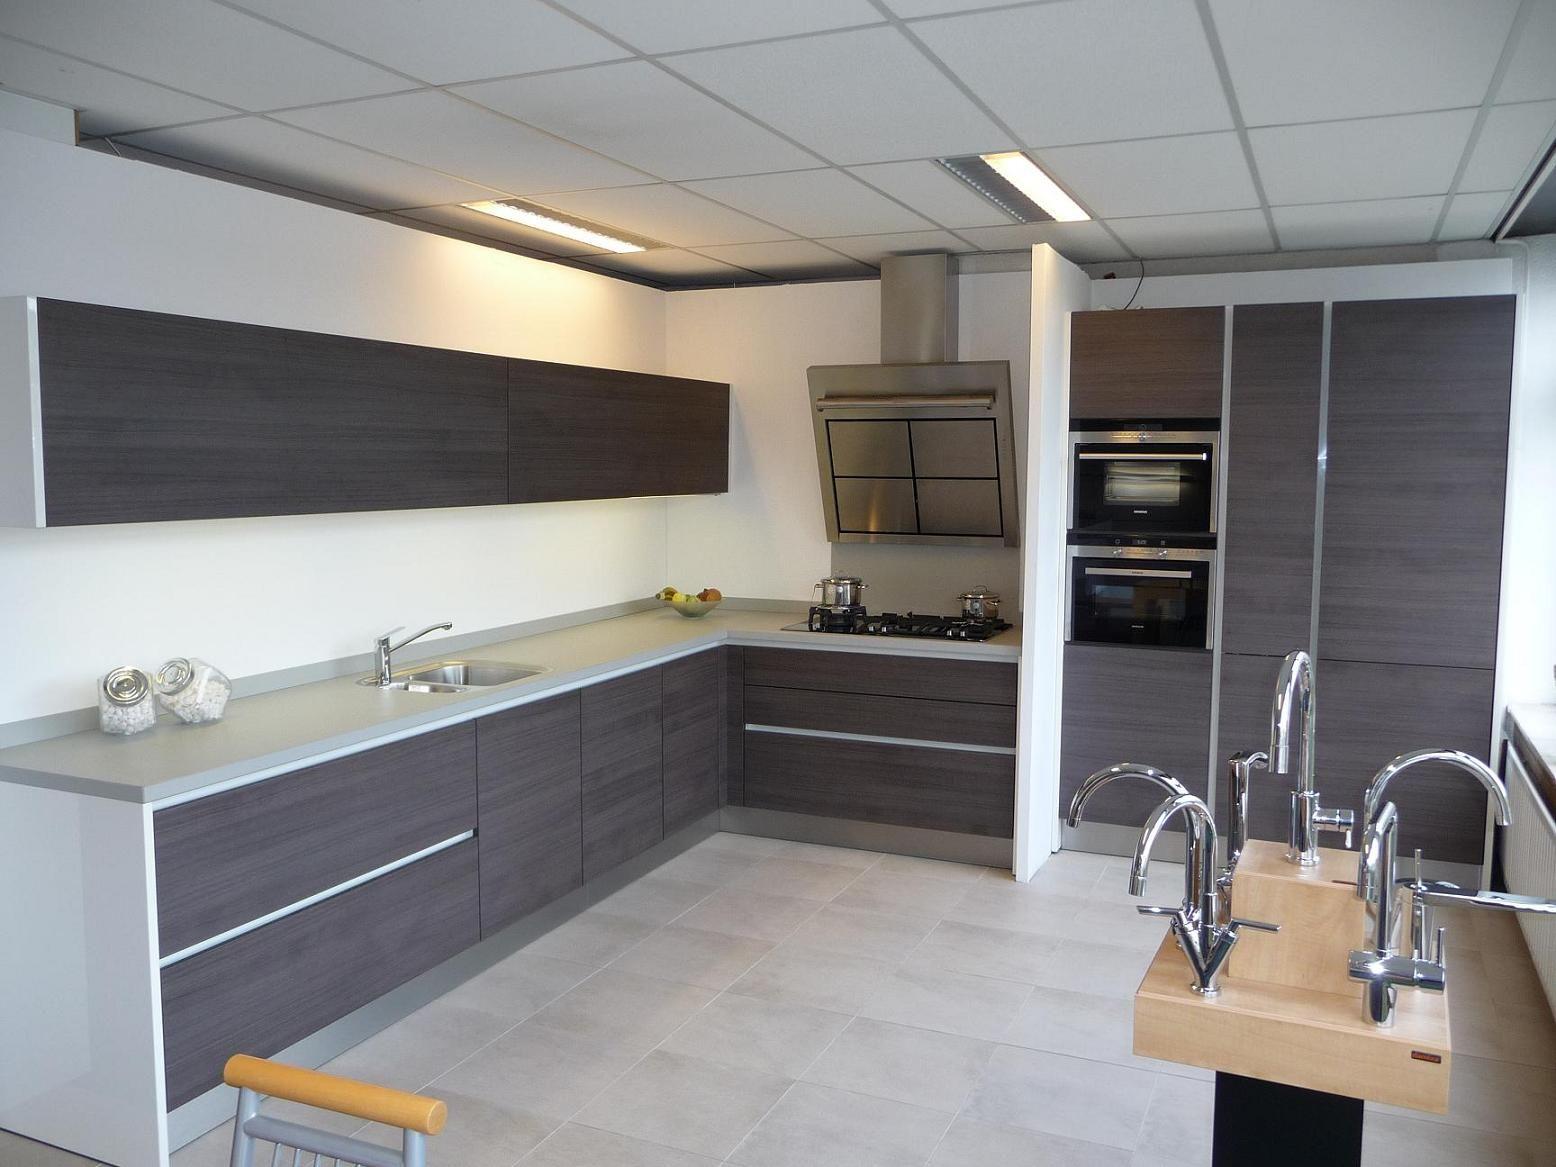 Keuken Plint Monteren : keukens voor zeer lage keuken prijzen Eggersmann greeploos [22243